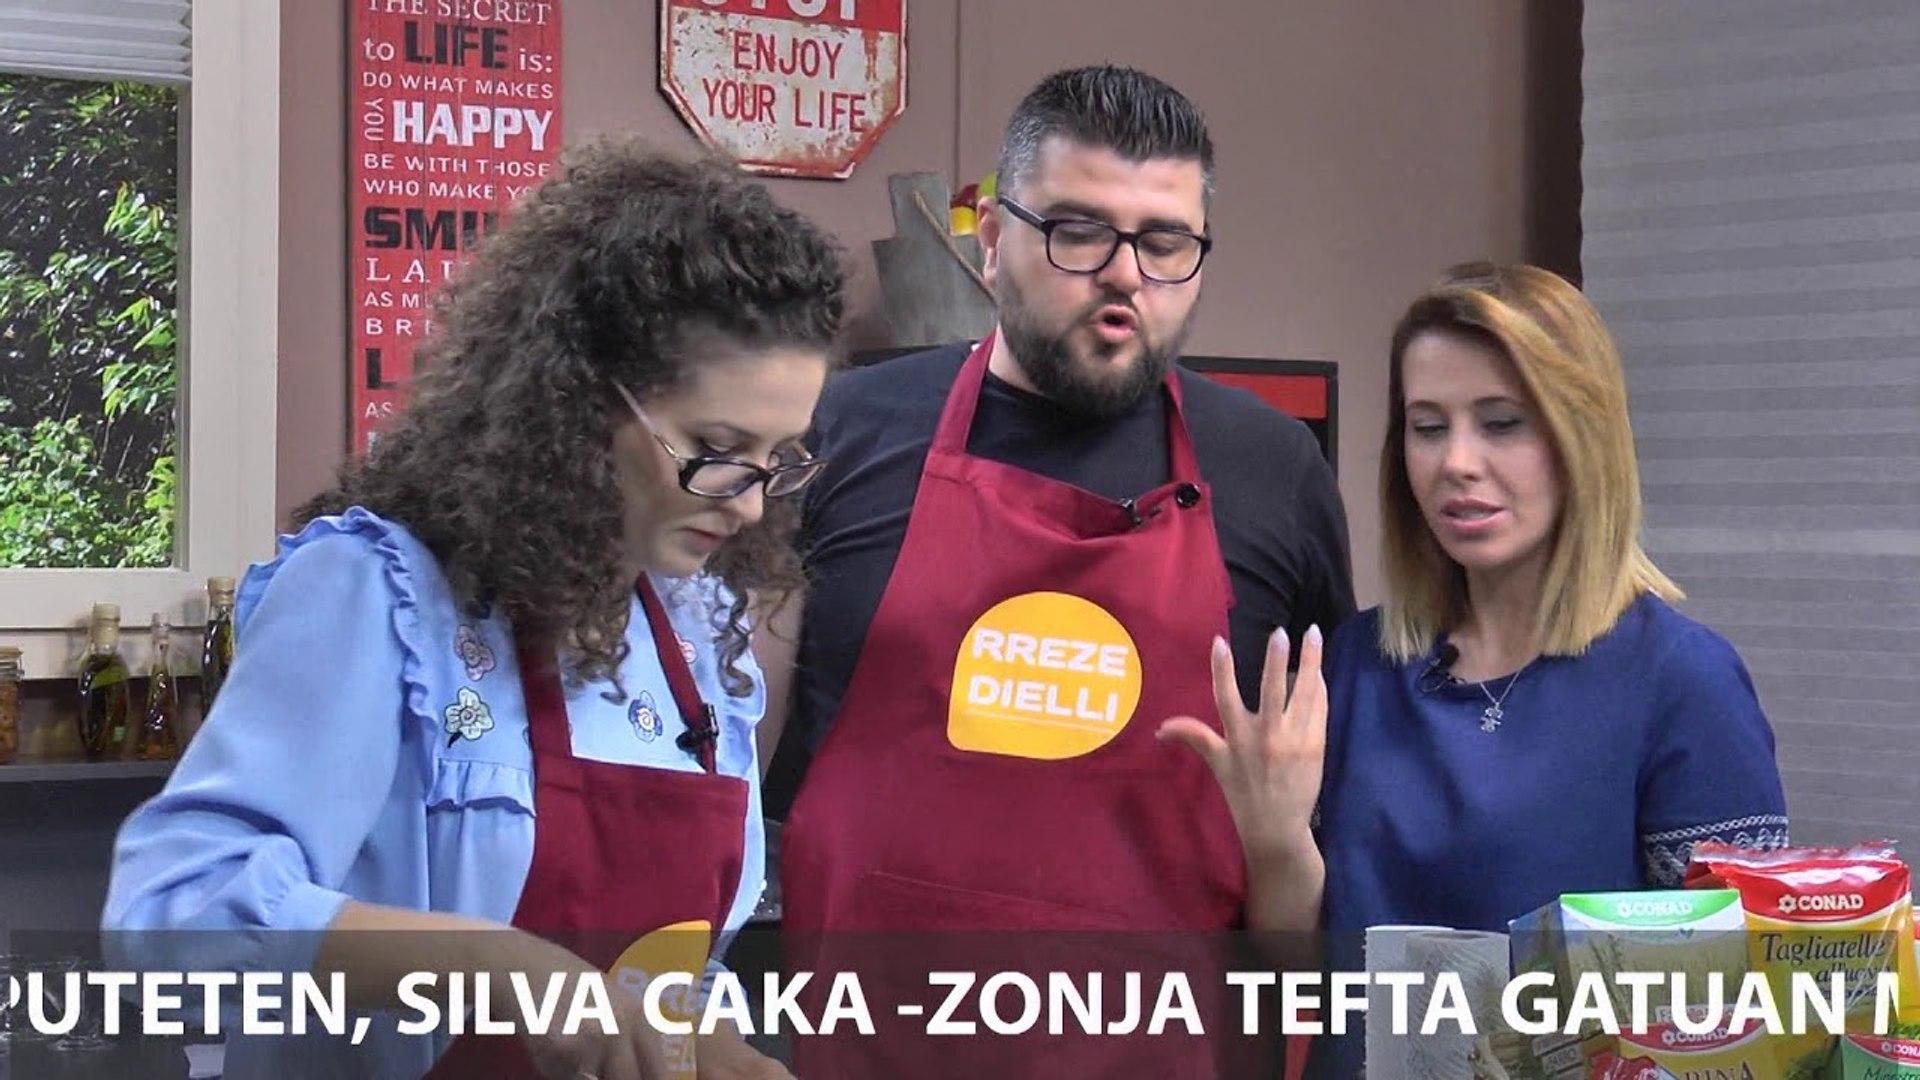 Te gatuajme me Zonjen Tefta PJ2 Supe me domate, Sufle me akullore